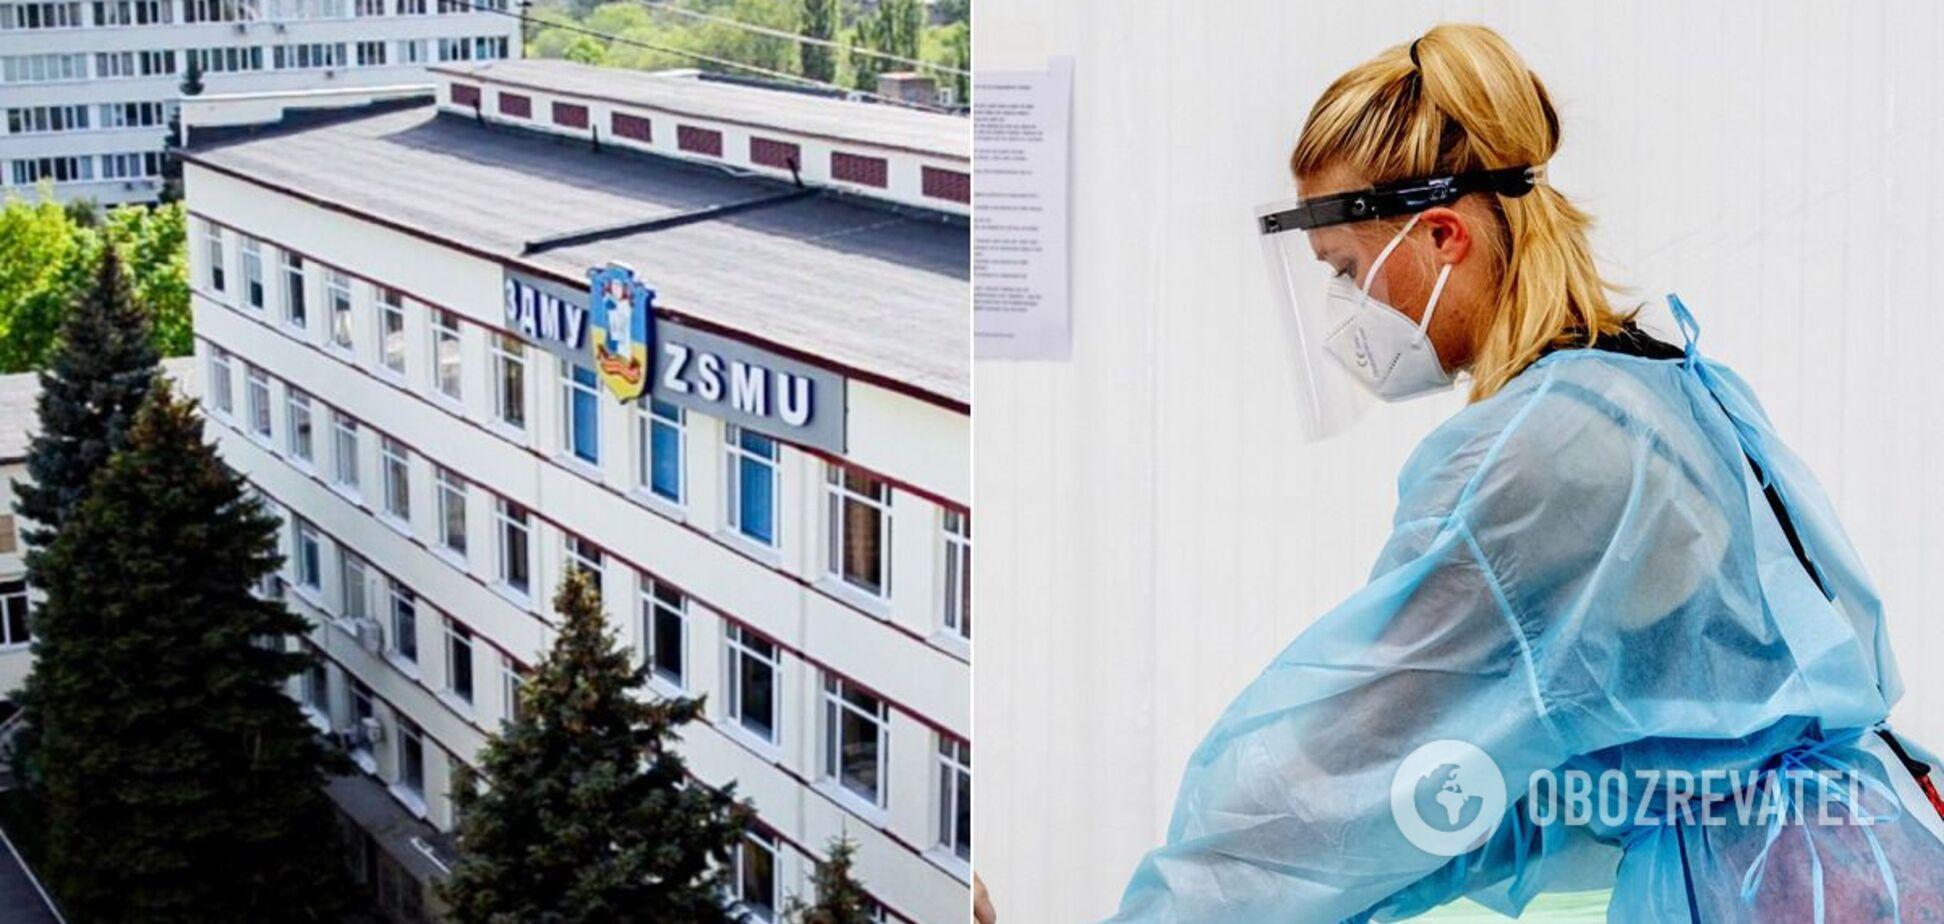 У гуртожитку Запорізького медуніверситету виявили спалах COVID-19